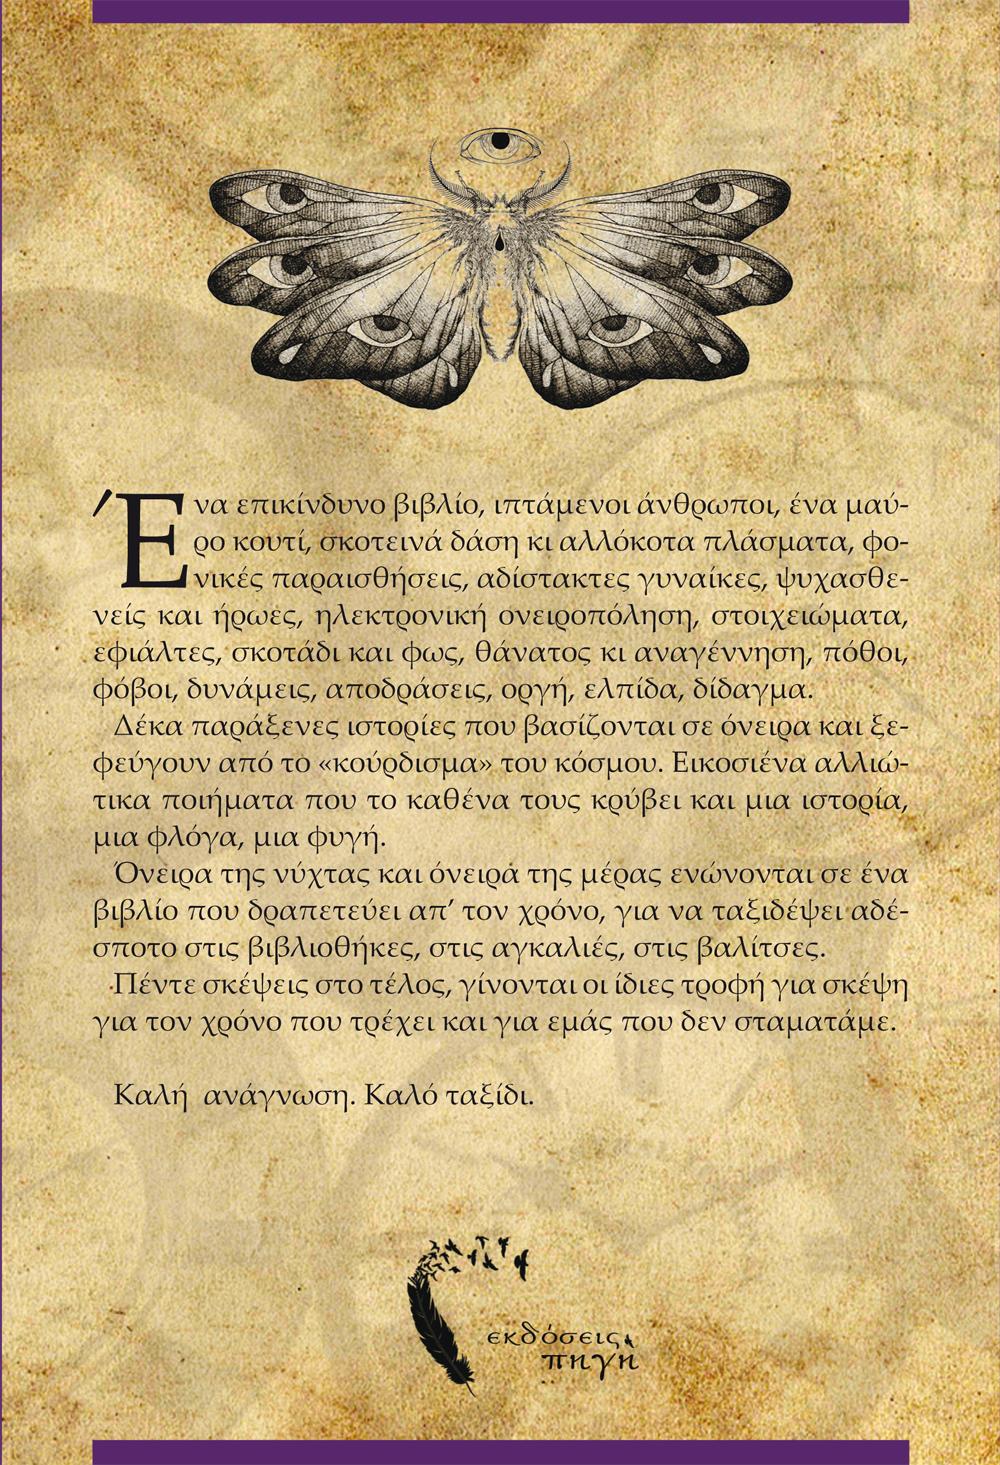 Οπισθόφυλλο, Χρόνειρα, Εκδόσεις Πηγή